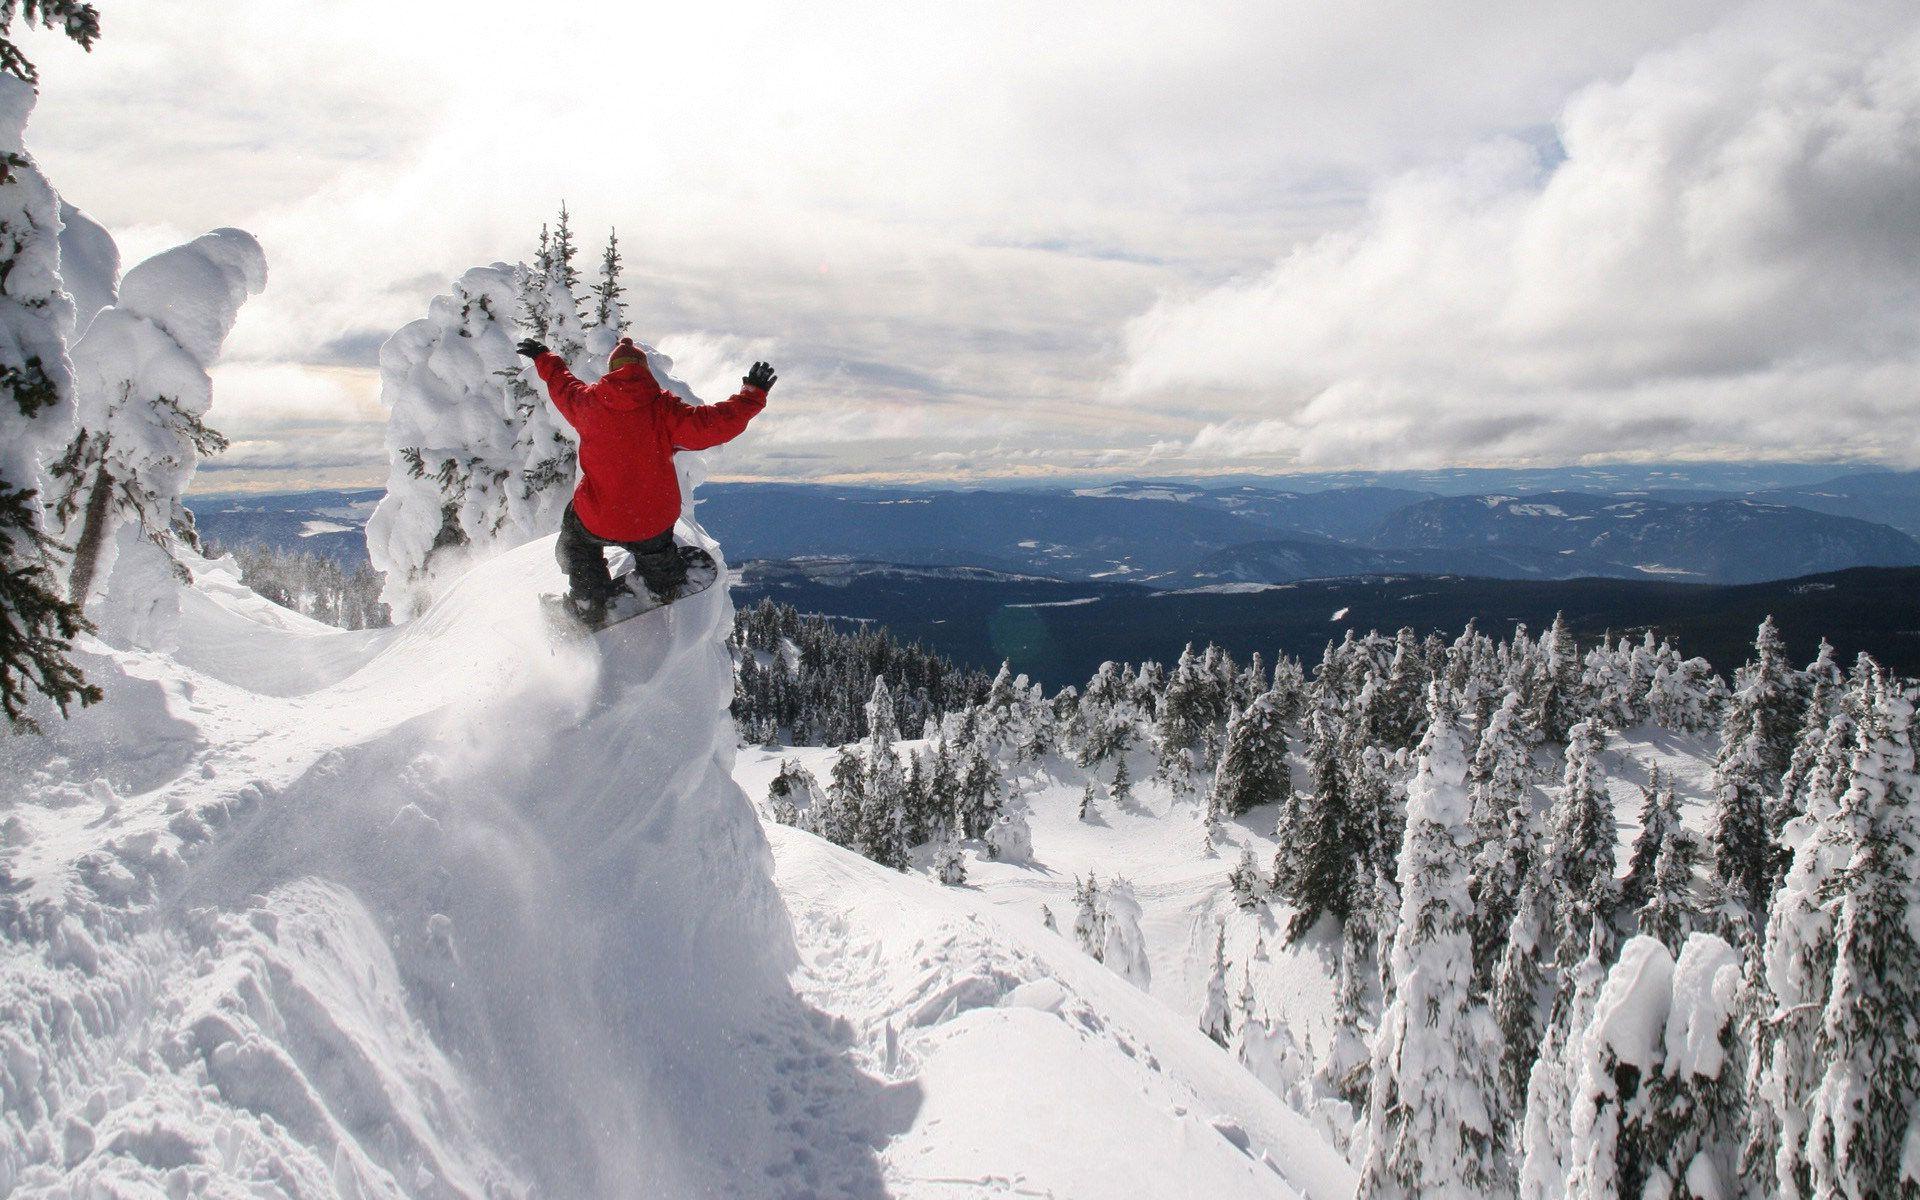 Snowboarding Desktop Wallpapers Top Free Snowboarding Desktop Backgrounds Wallpaperaccess